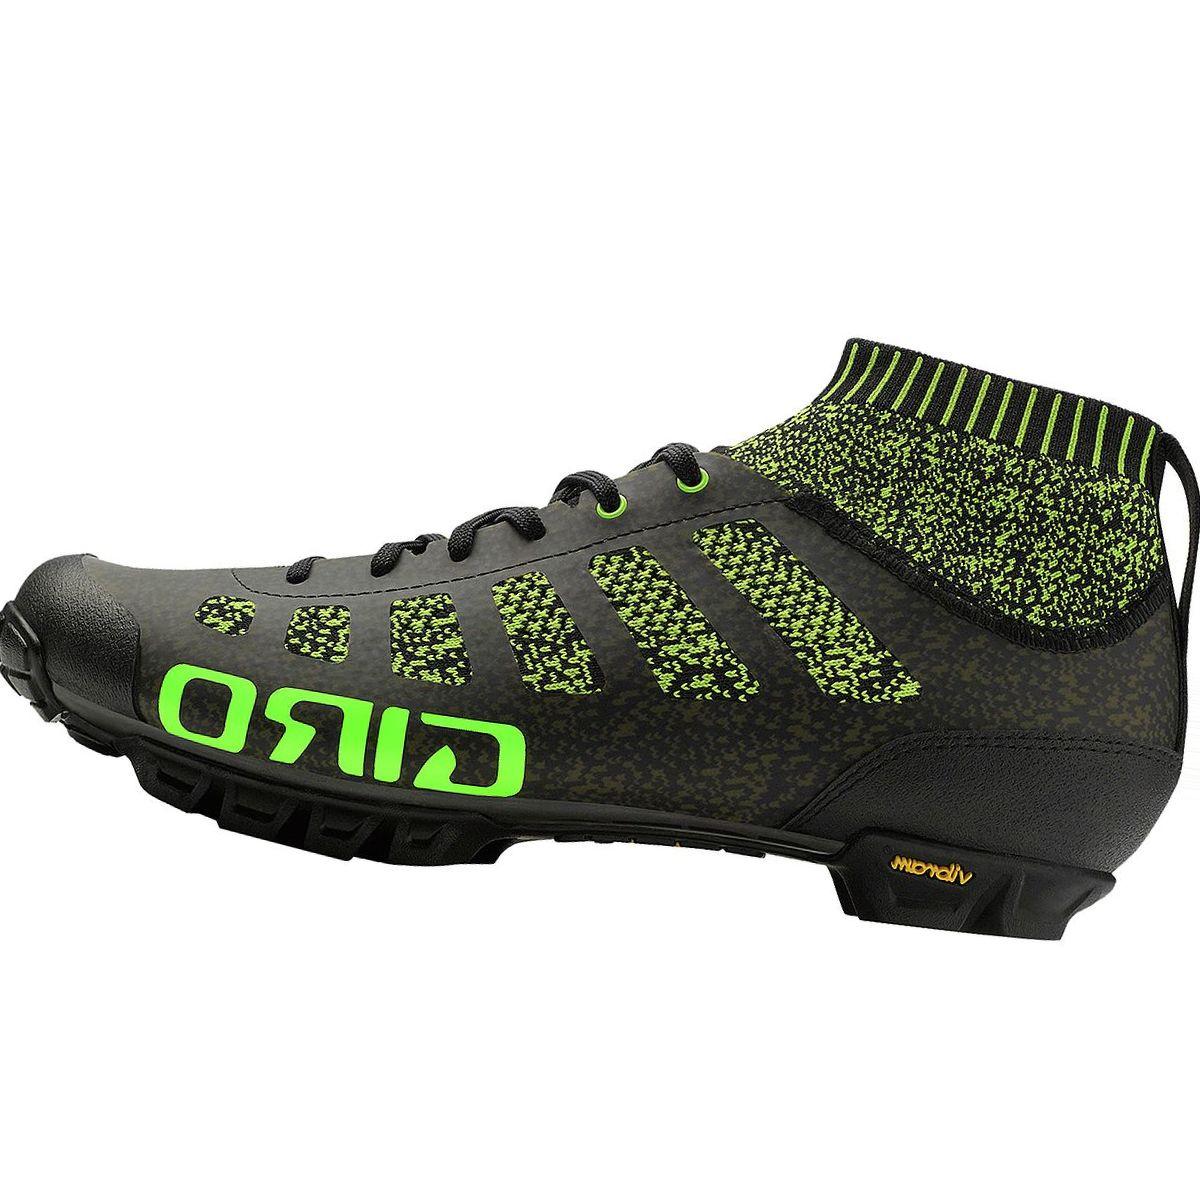 Giro Empire VR70 Knit Cycling Shoe - Men's